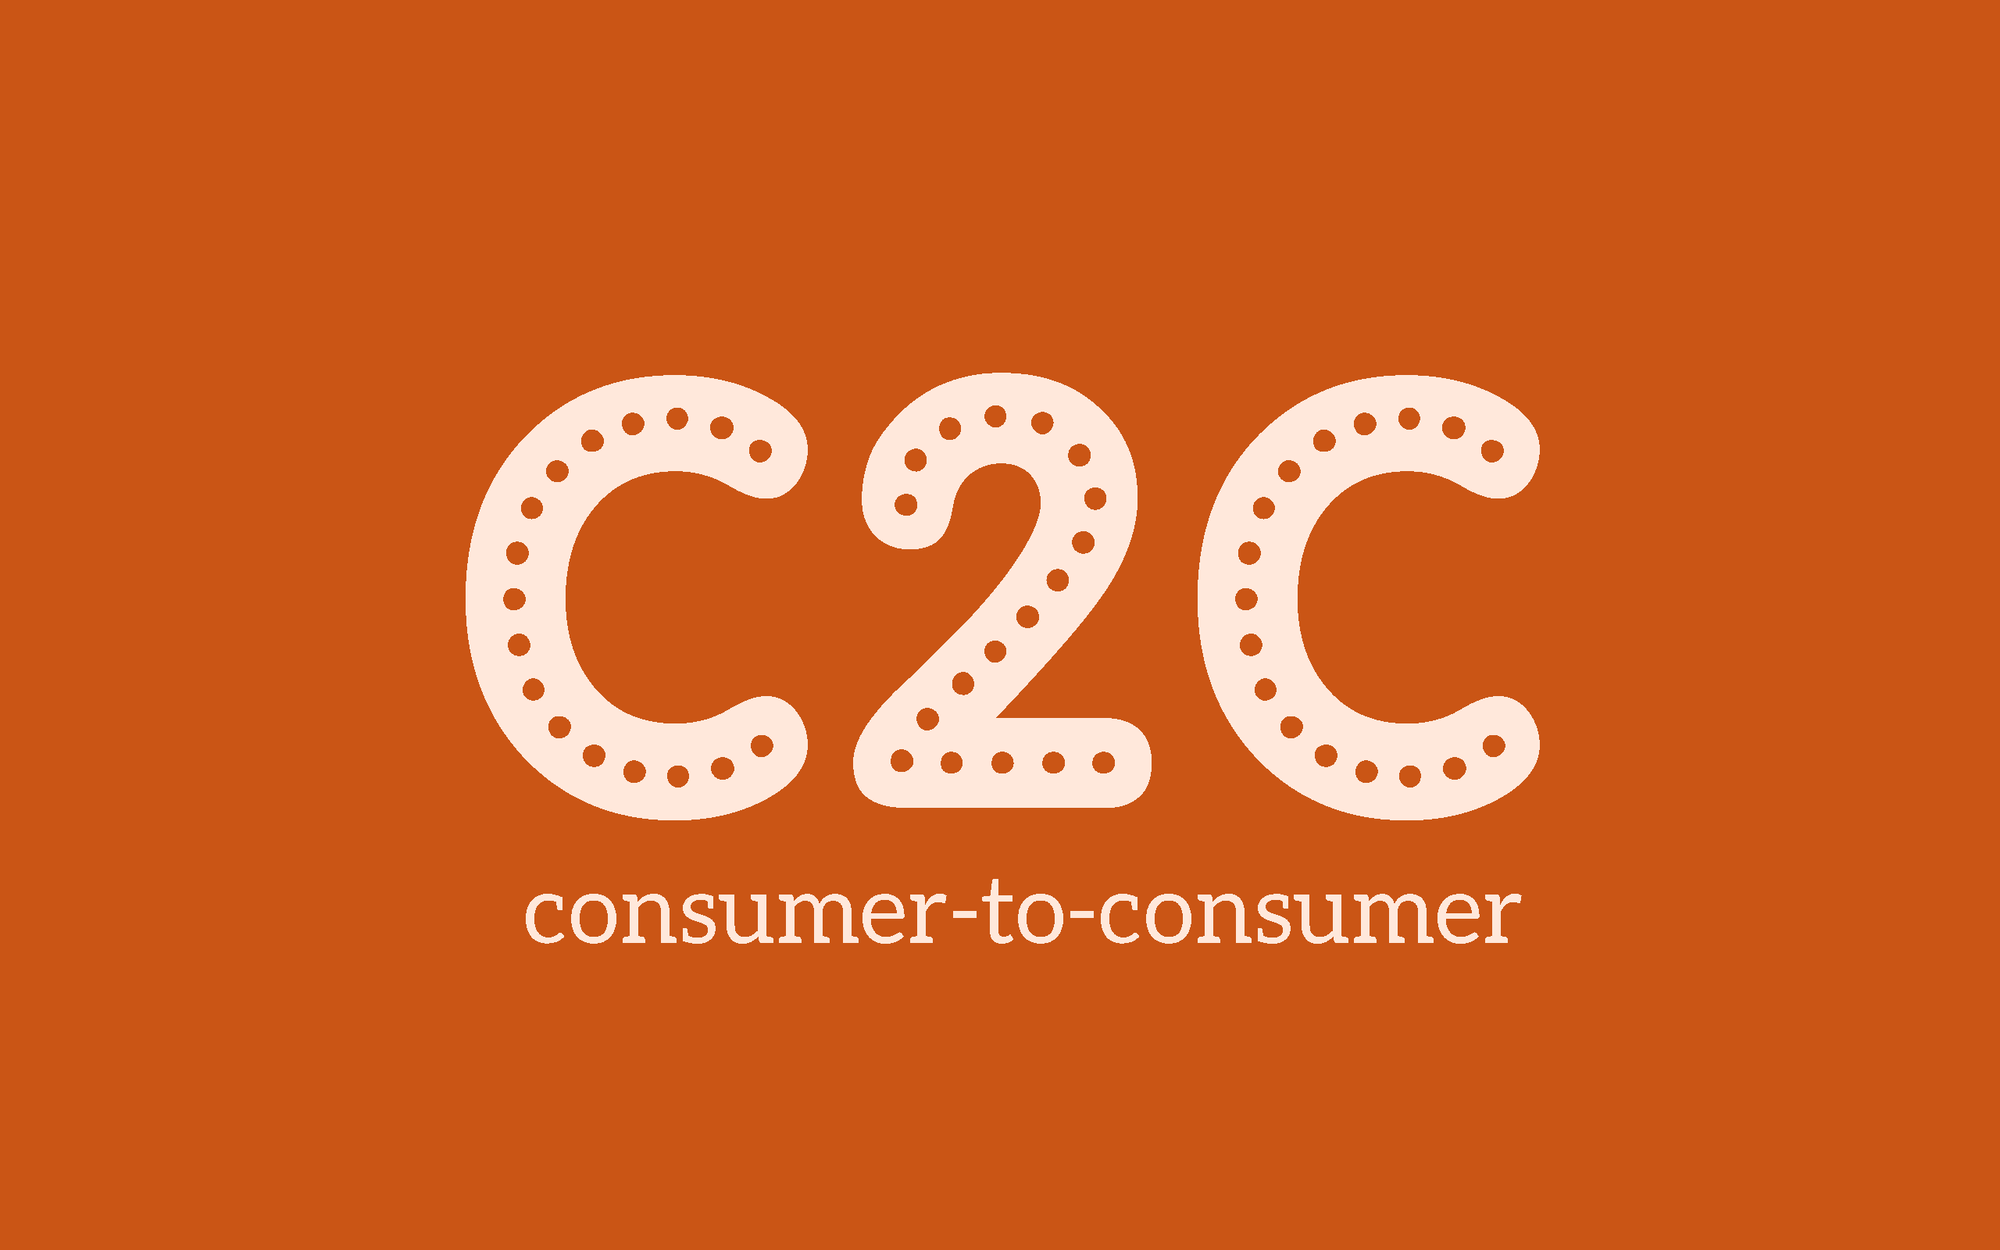 Khái niệm C2C là gì